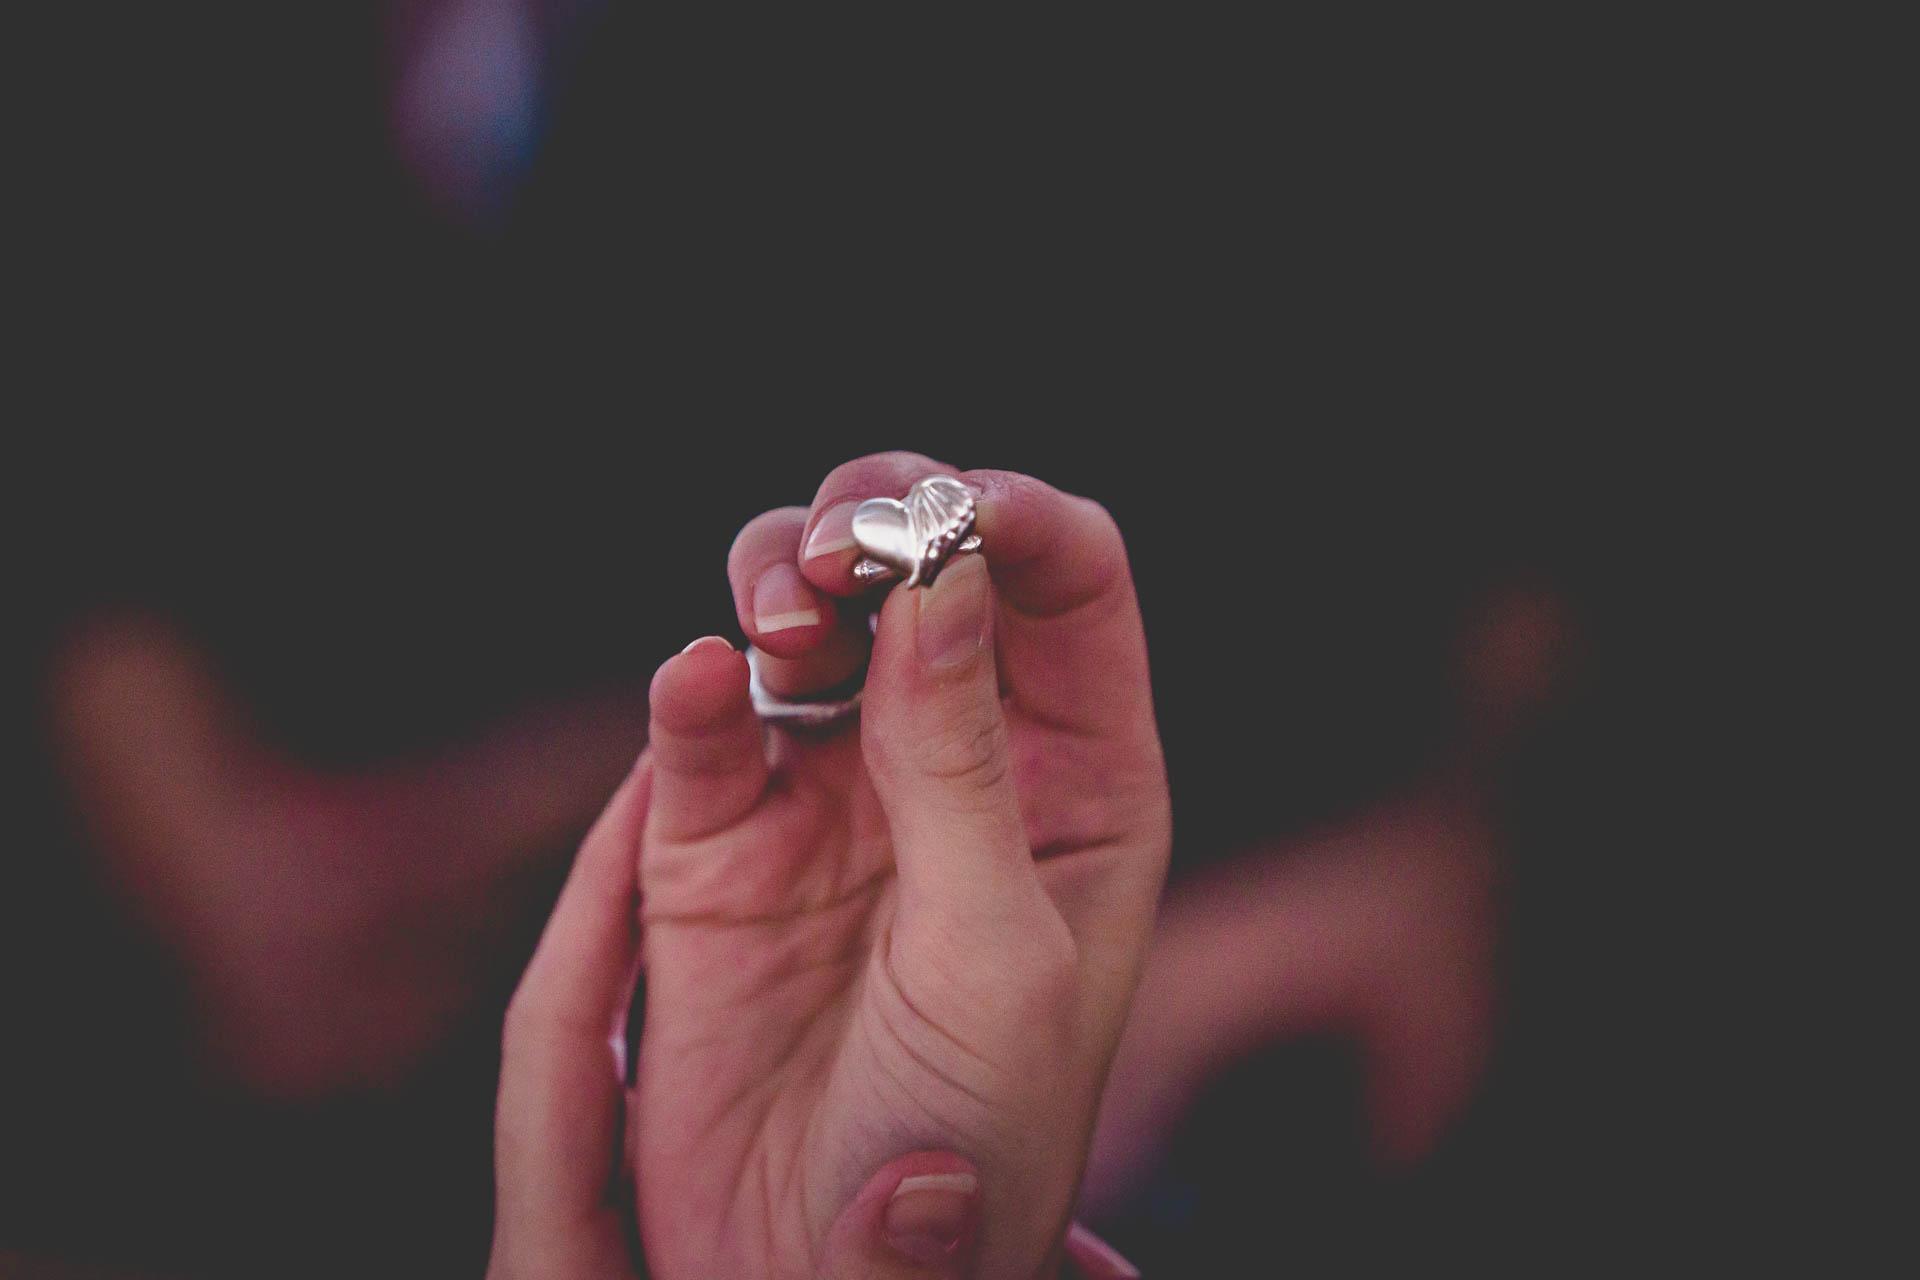 26-Juwelier-Christ-Incentive-Sylt